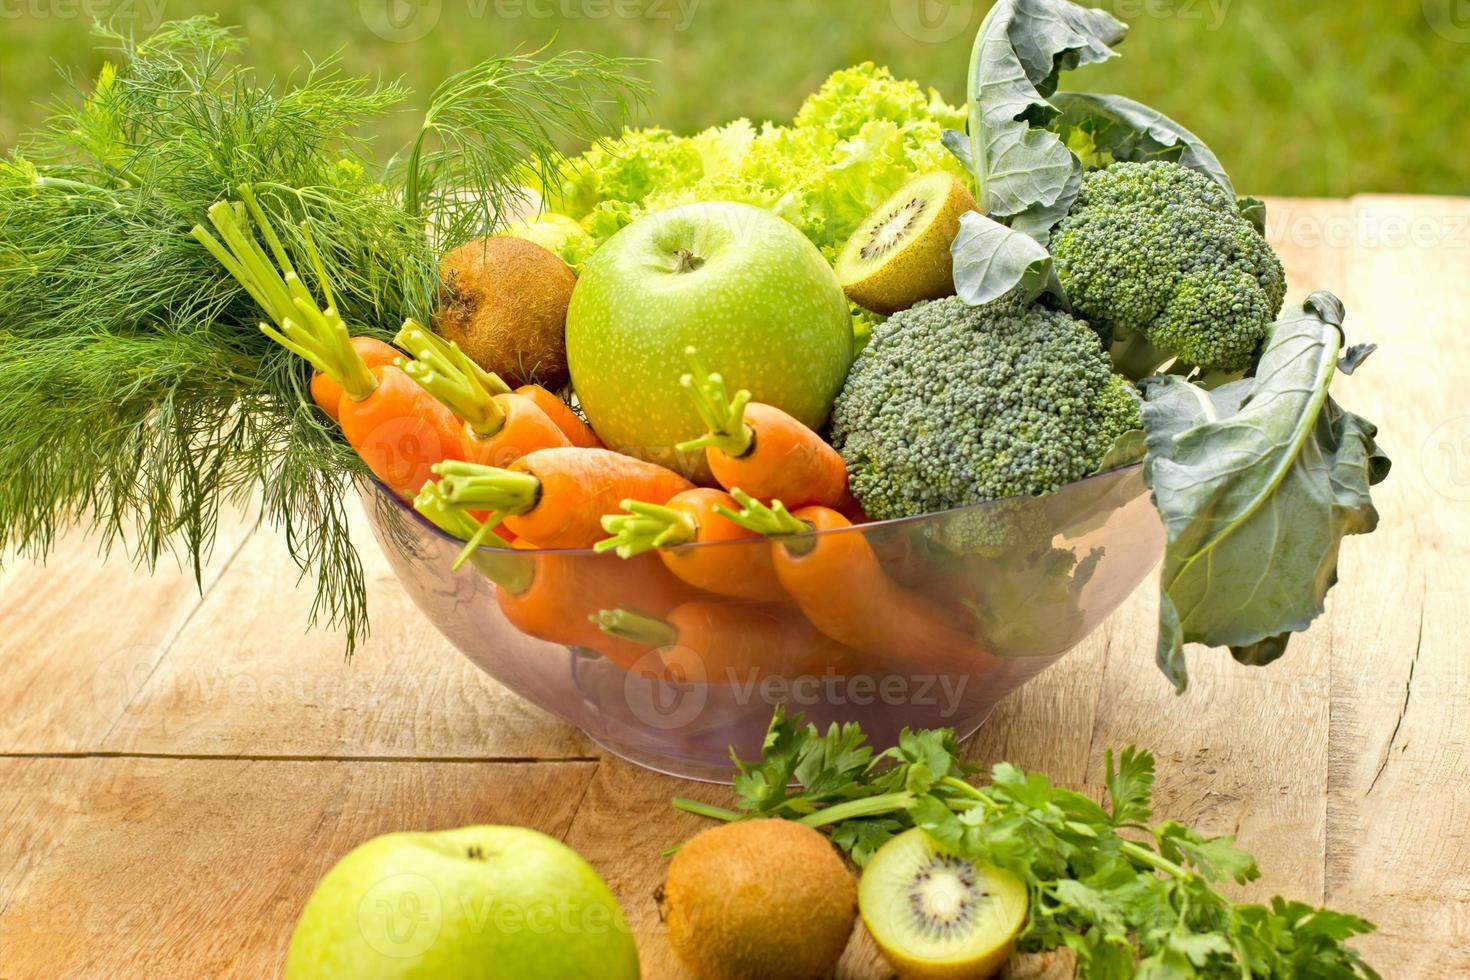 ingrédients pour un smoothie vert sain photo